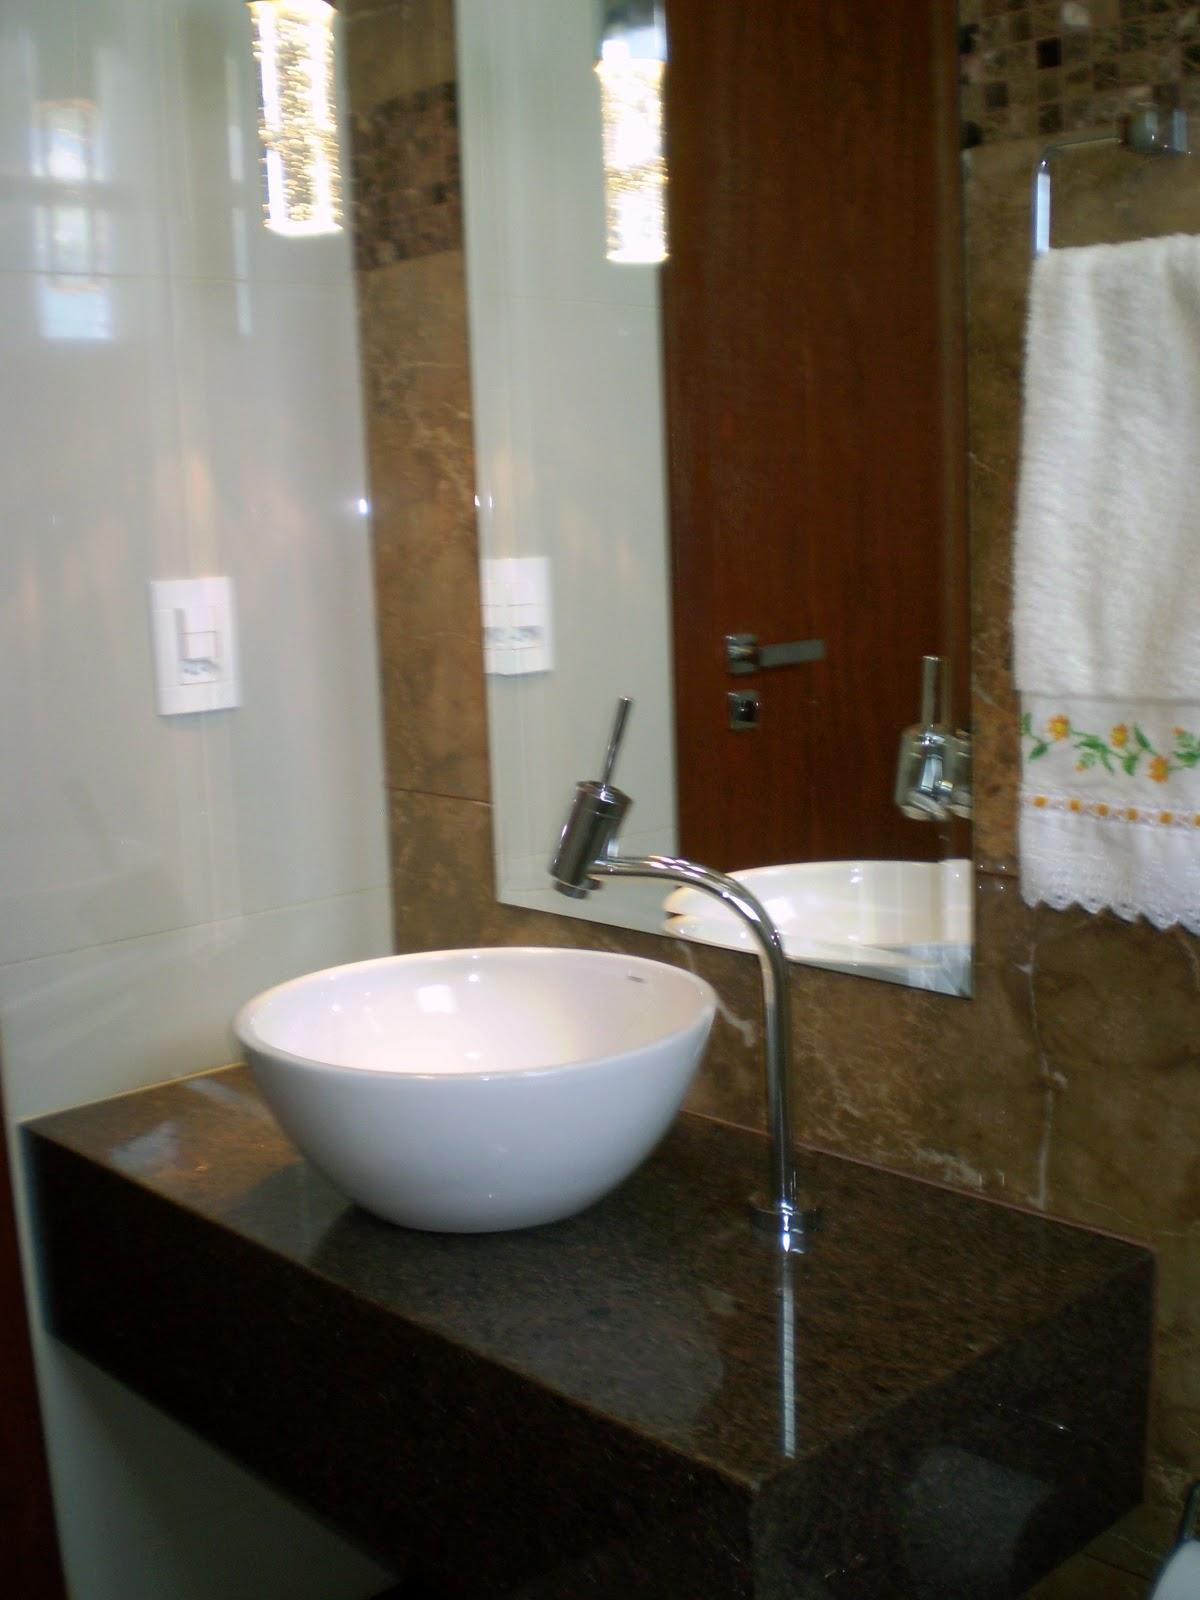 Casa da Áurea: Banheiro Marrom Imperial #2C2010 1200x1600 Bancada Banheiro Estreita